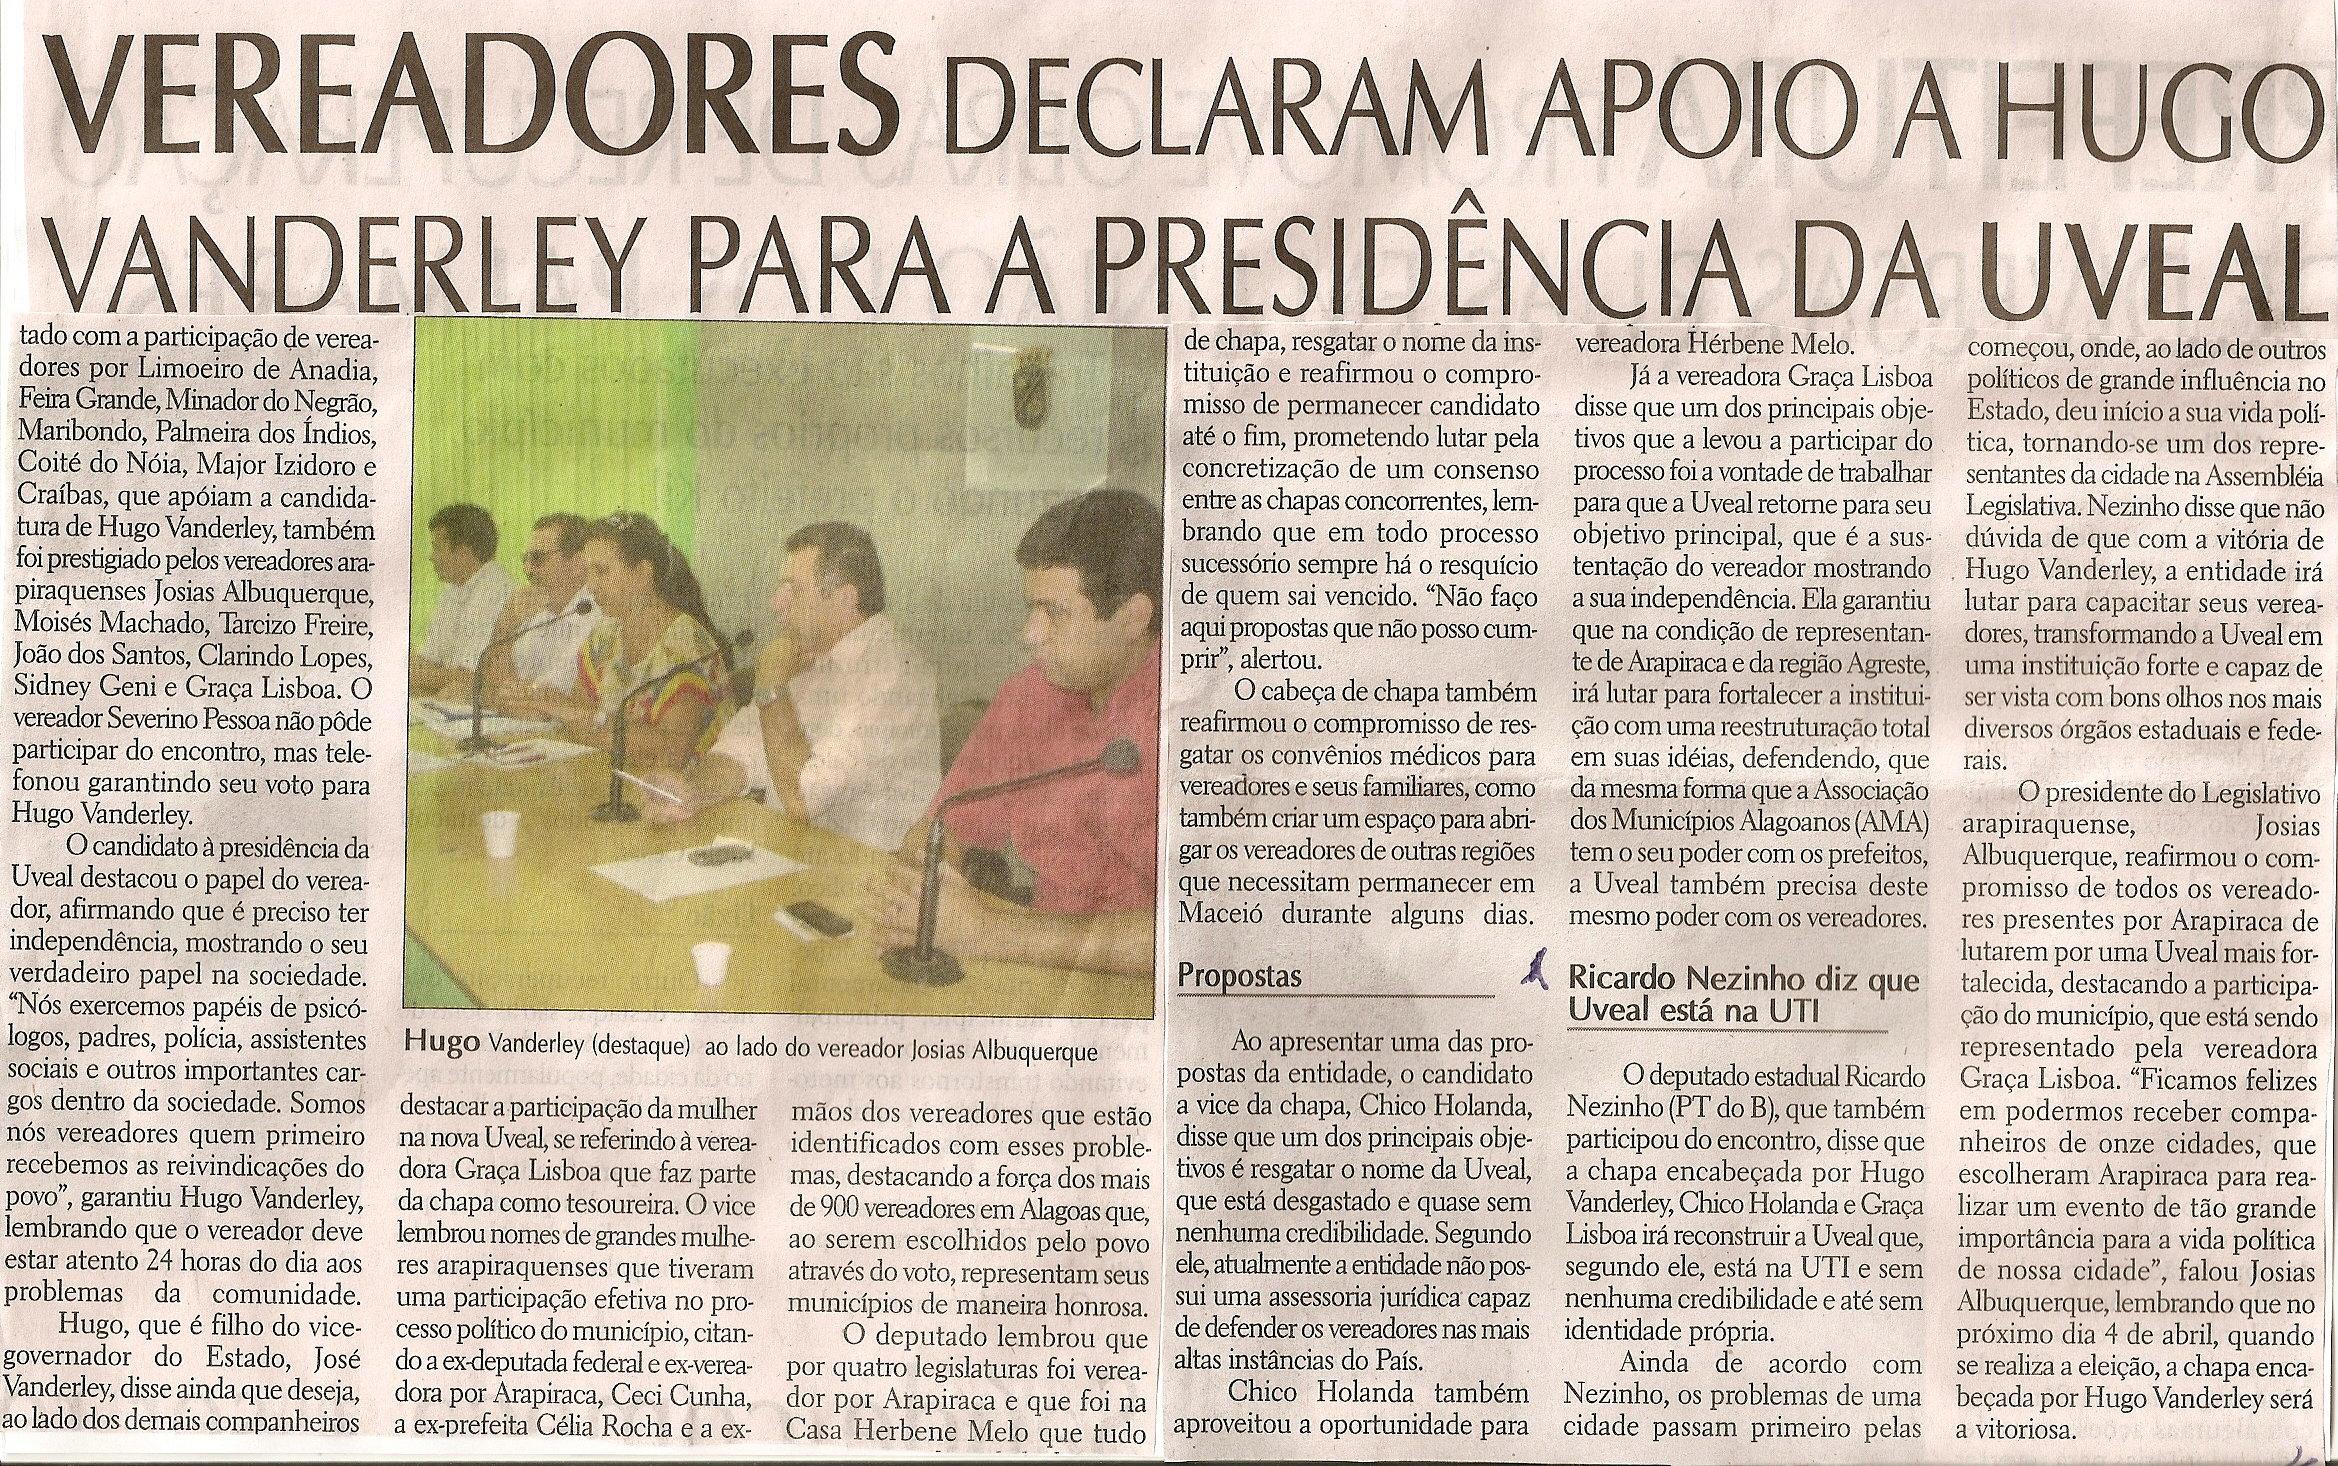 alagoas_em_tempo_23_03_2009